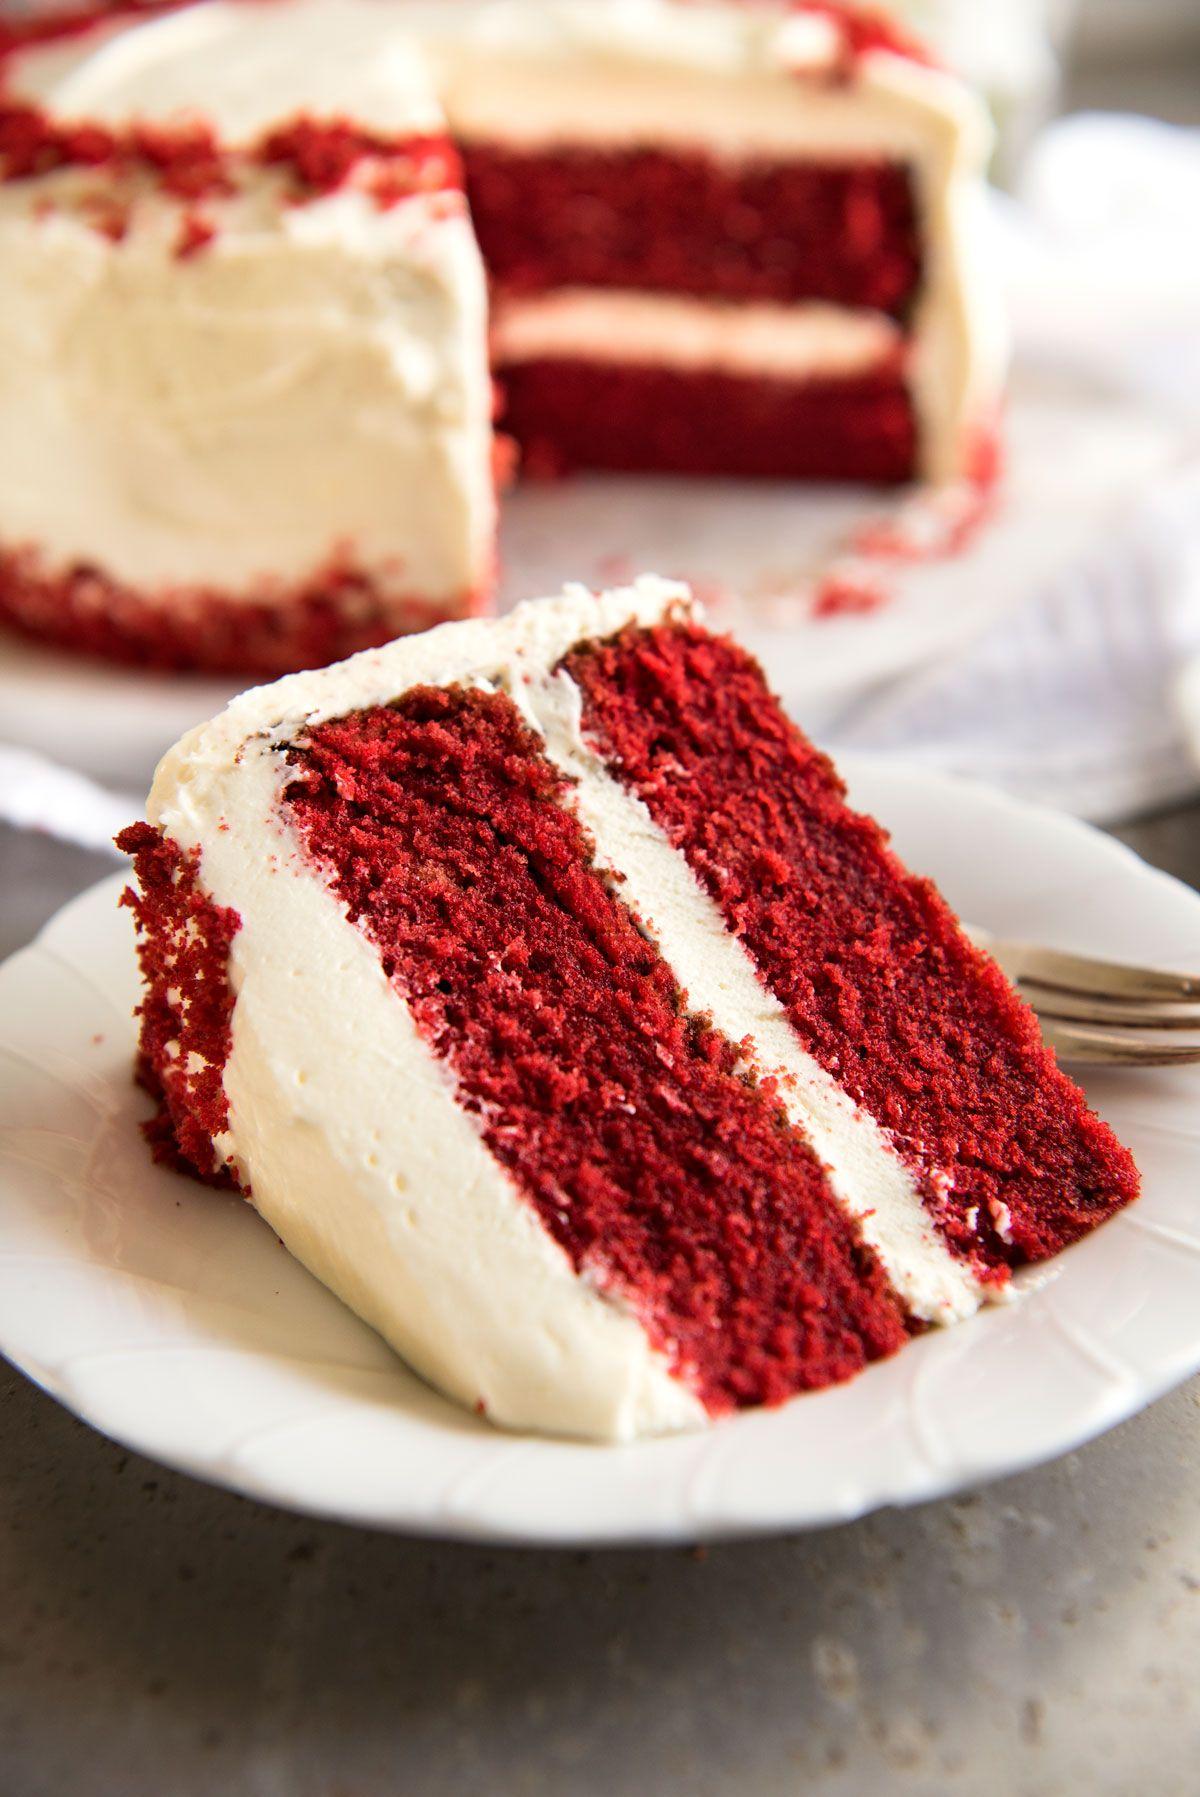 Red Velvet Cake Recipe Velvet Cake Recipes Red Velvet Cake Recipe Cake Flavors